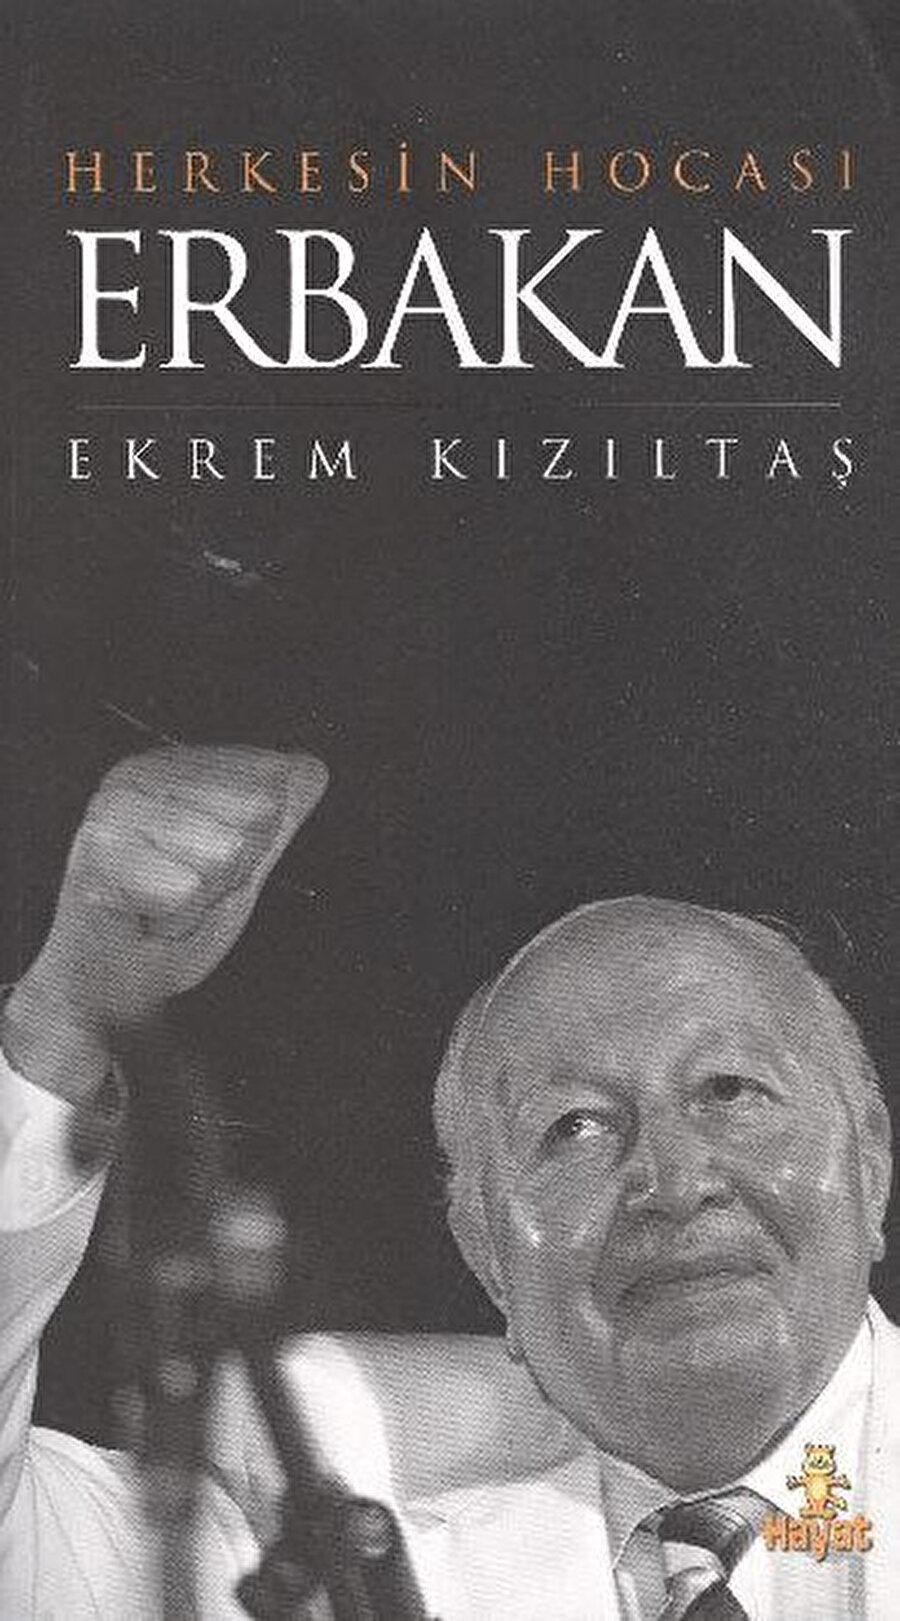 Herkesin Hocası Erbakan / Ekrem Kızıltaş